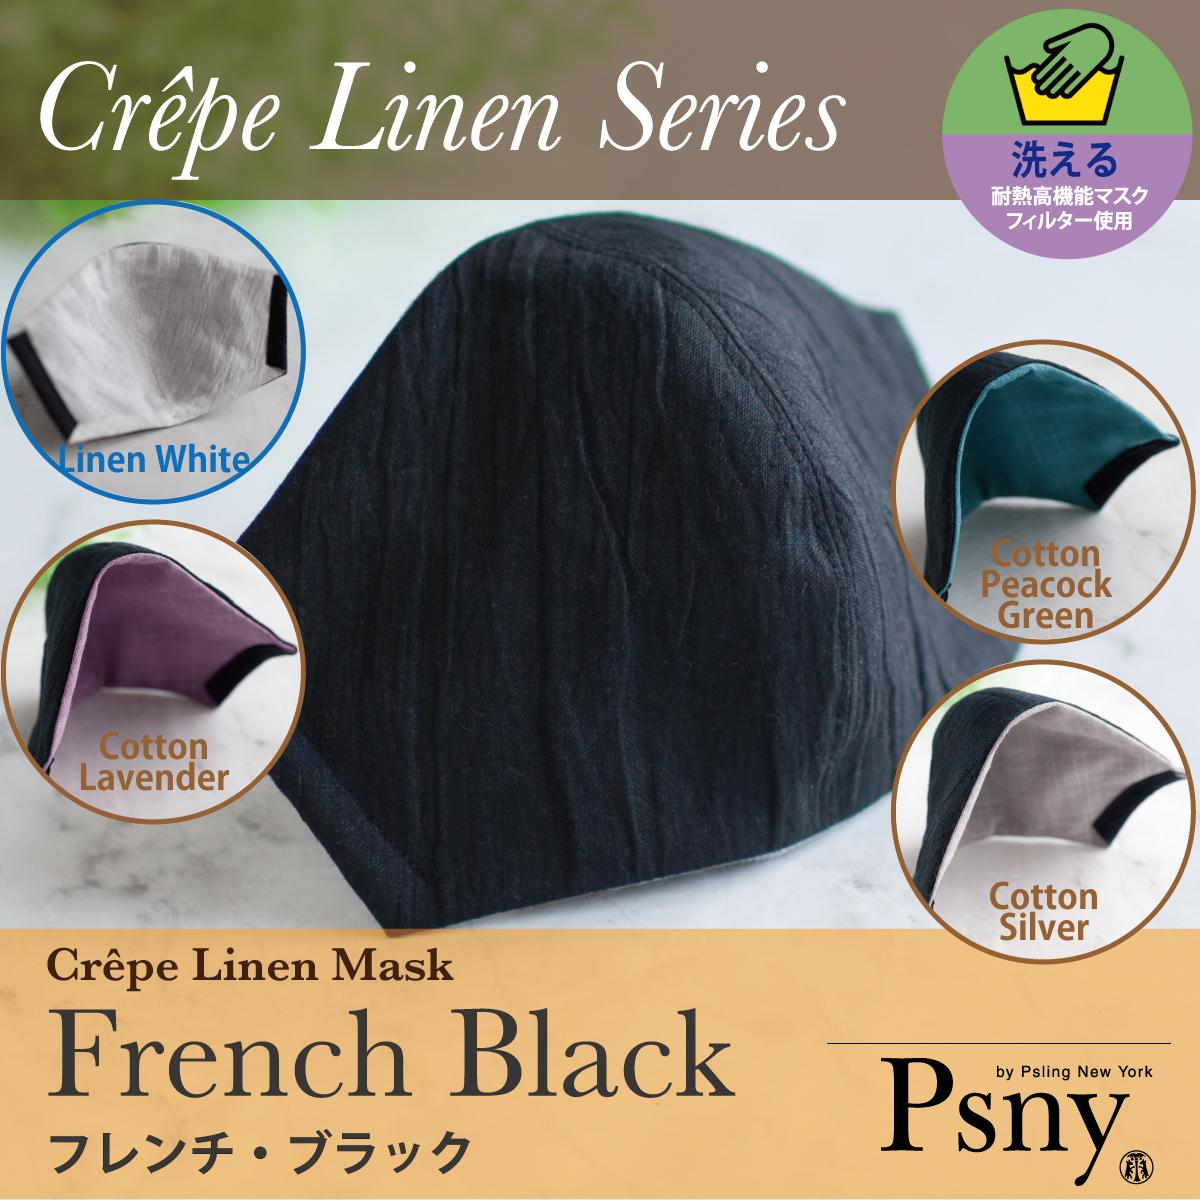 PSNY クレープリネン・フレンチブラック 花粉 黄砂 洗えるフィルター入り 立体 マスク 大人用 送料無料